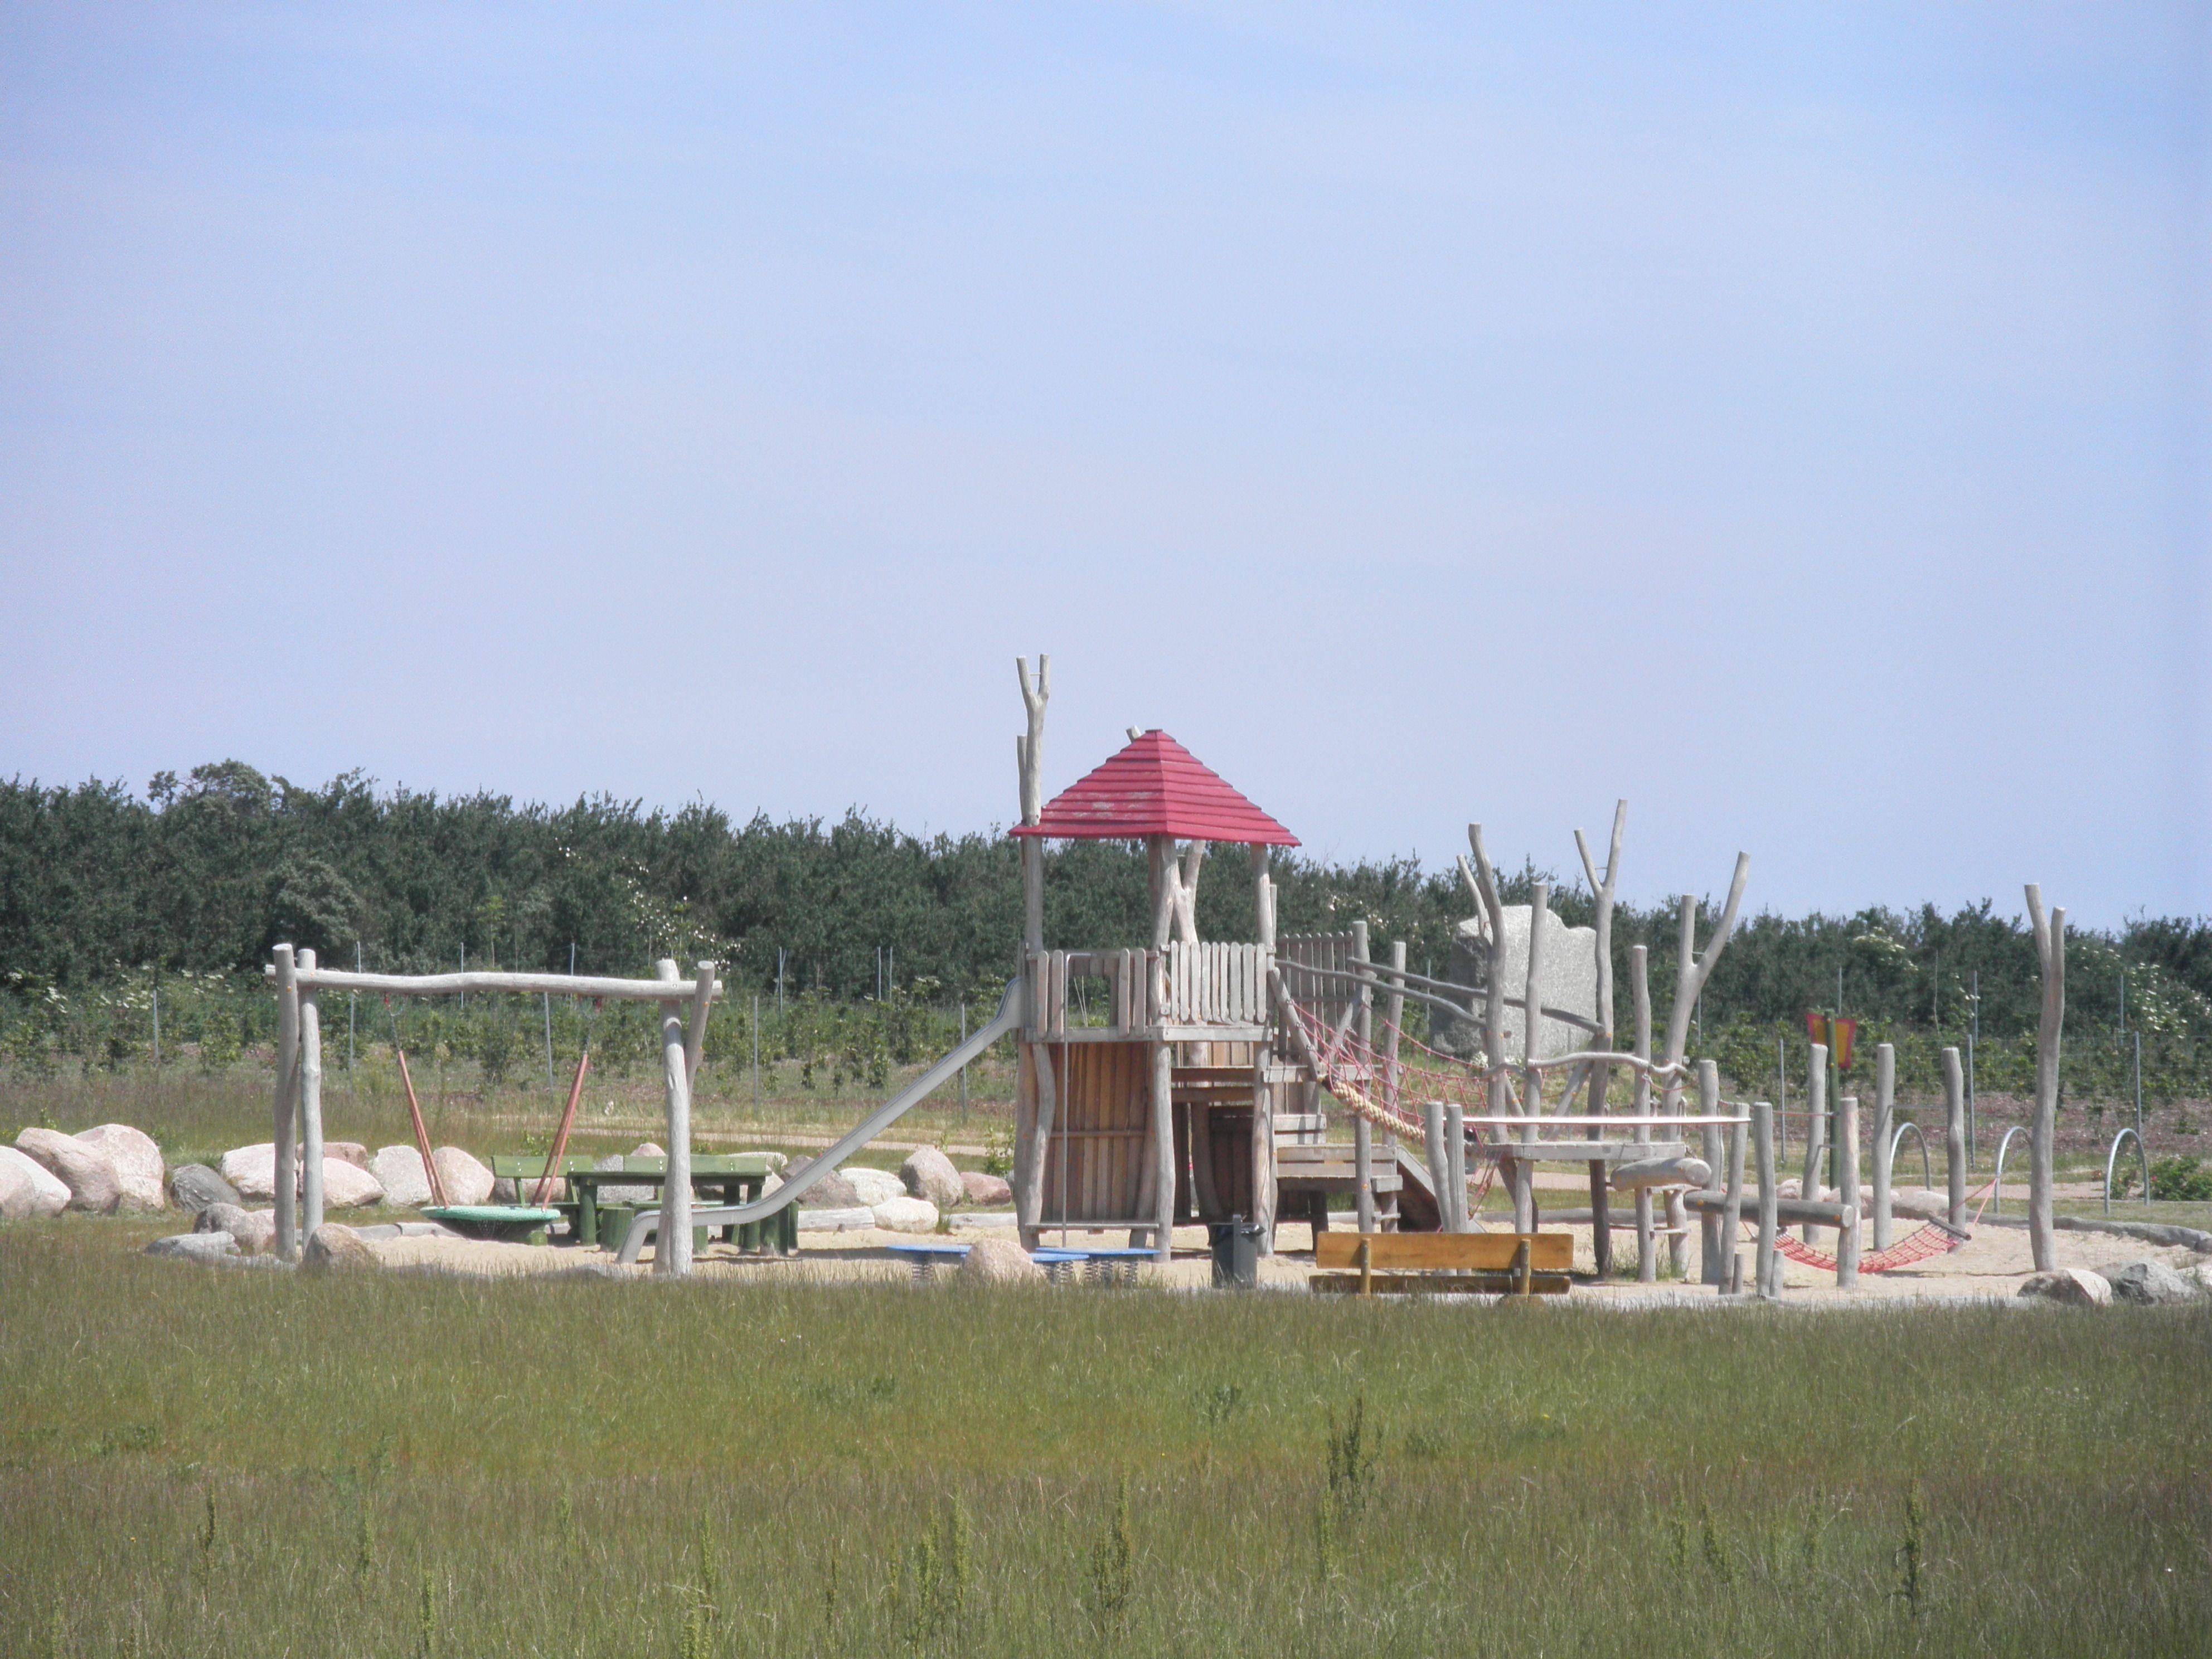 Glowe Abenteuerspielplatz im Kurpark Ferien